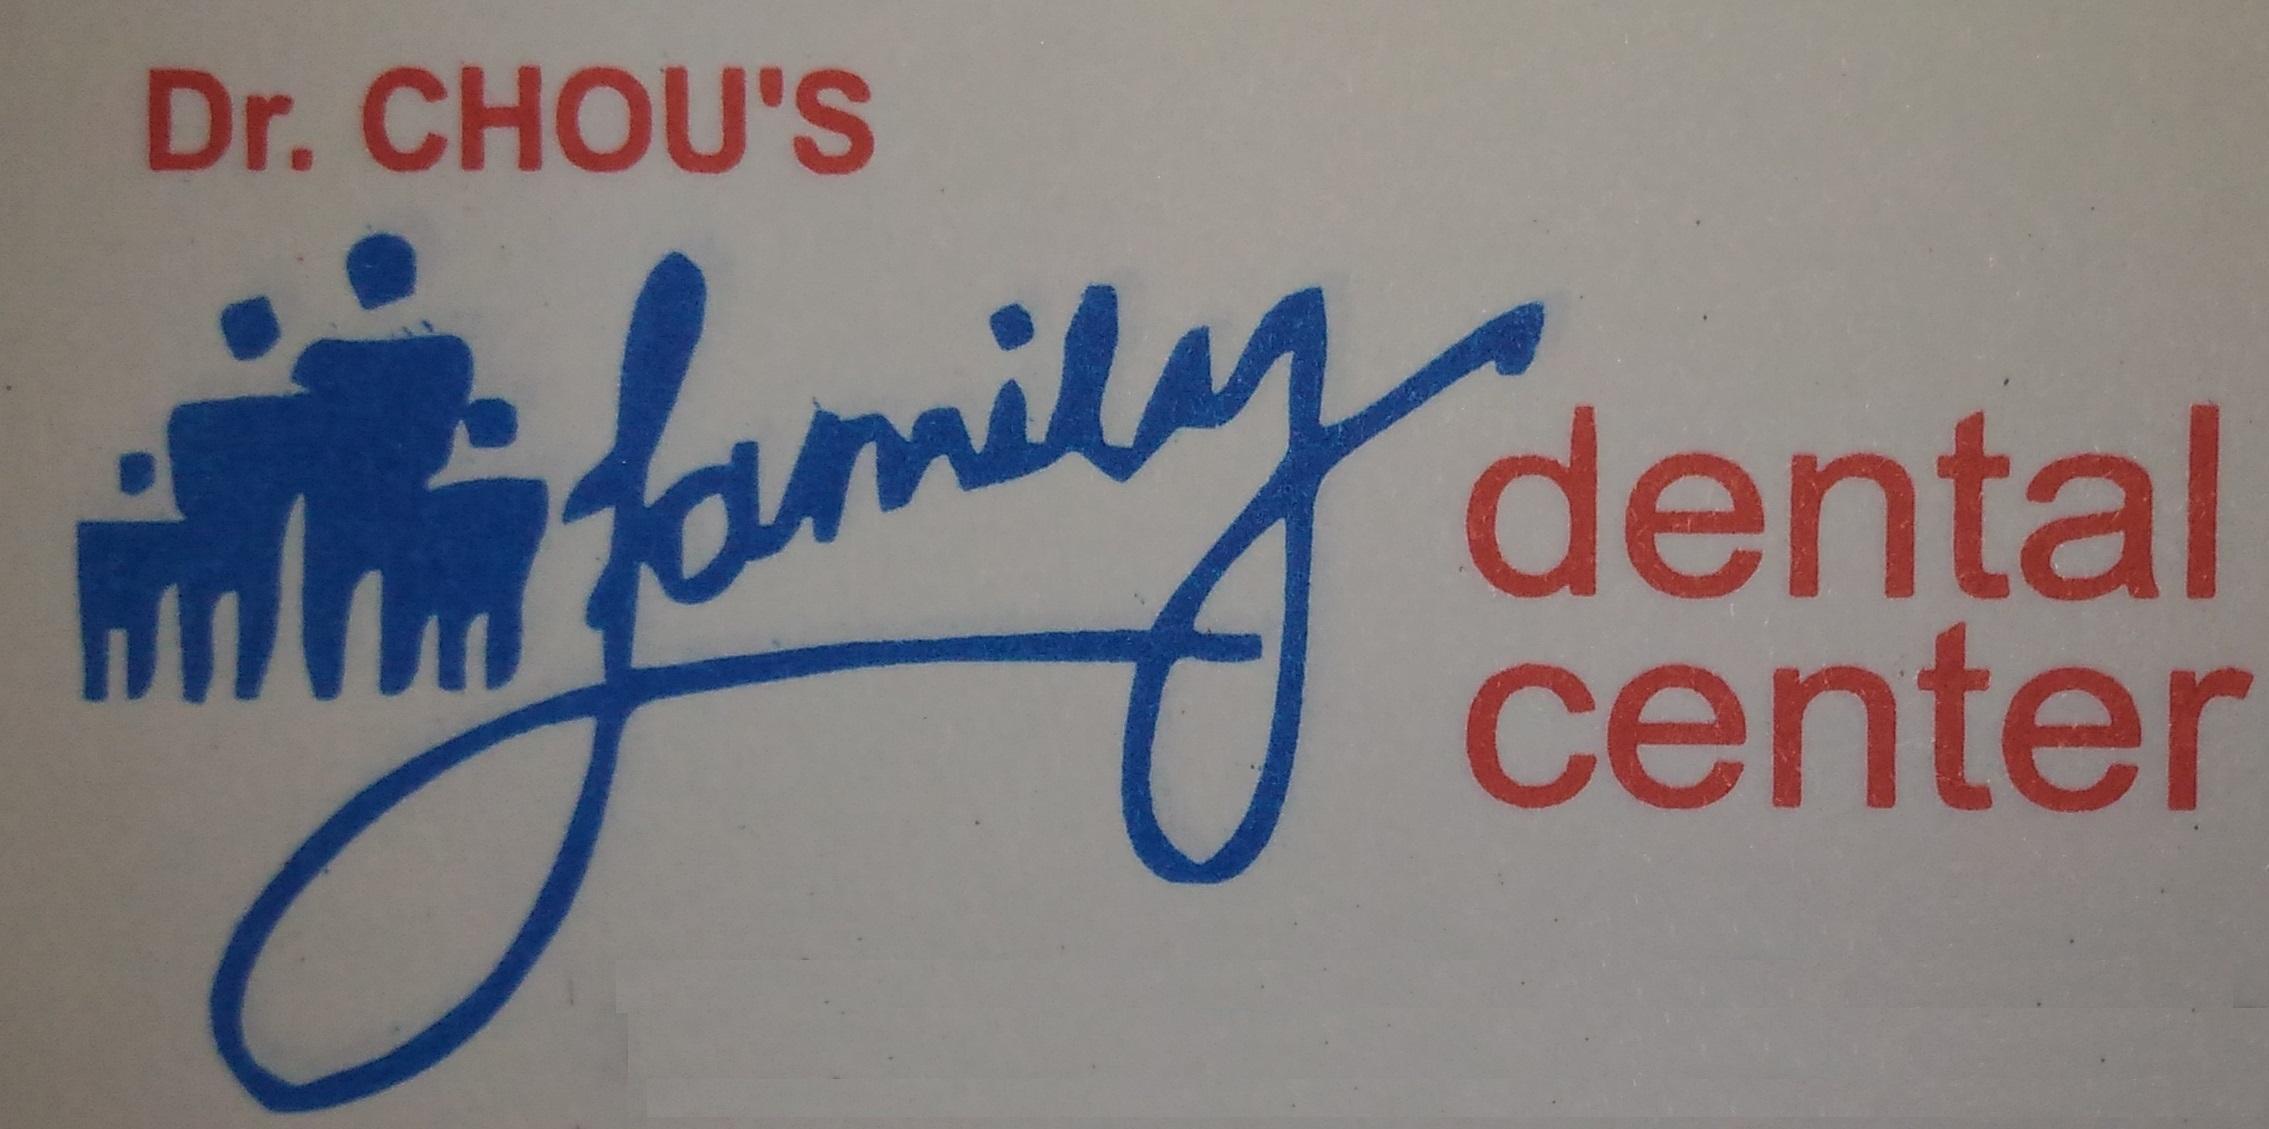 Dr. Chou's Family Dental Center